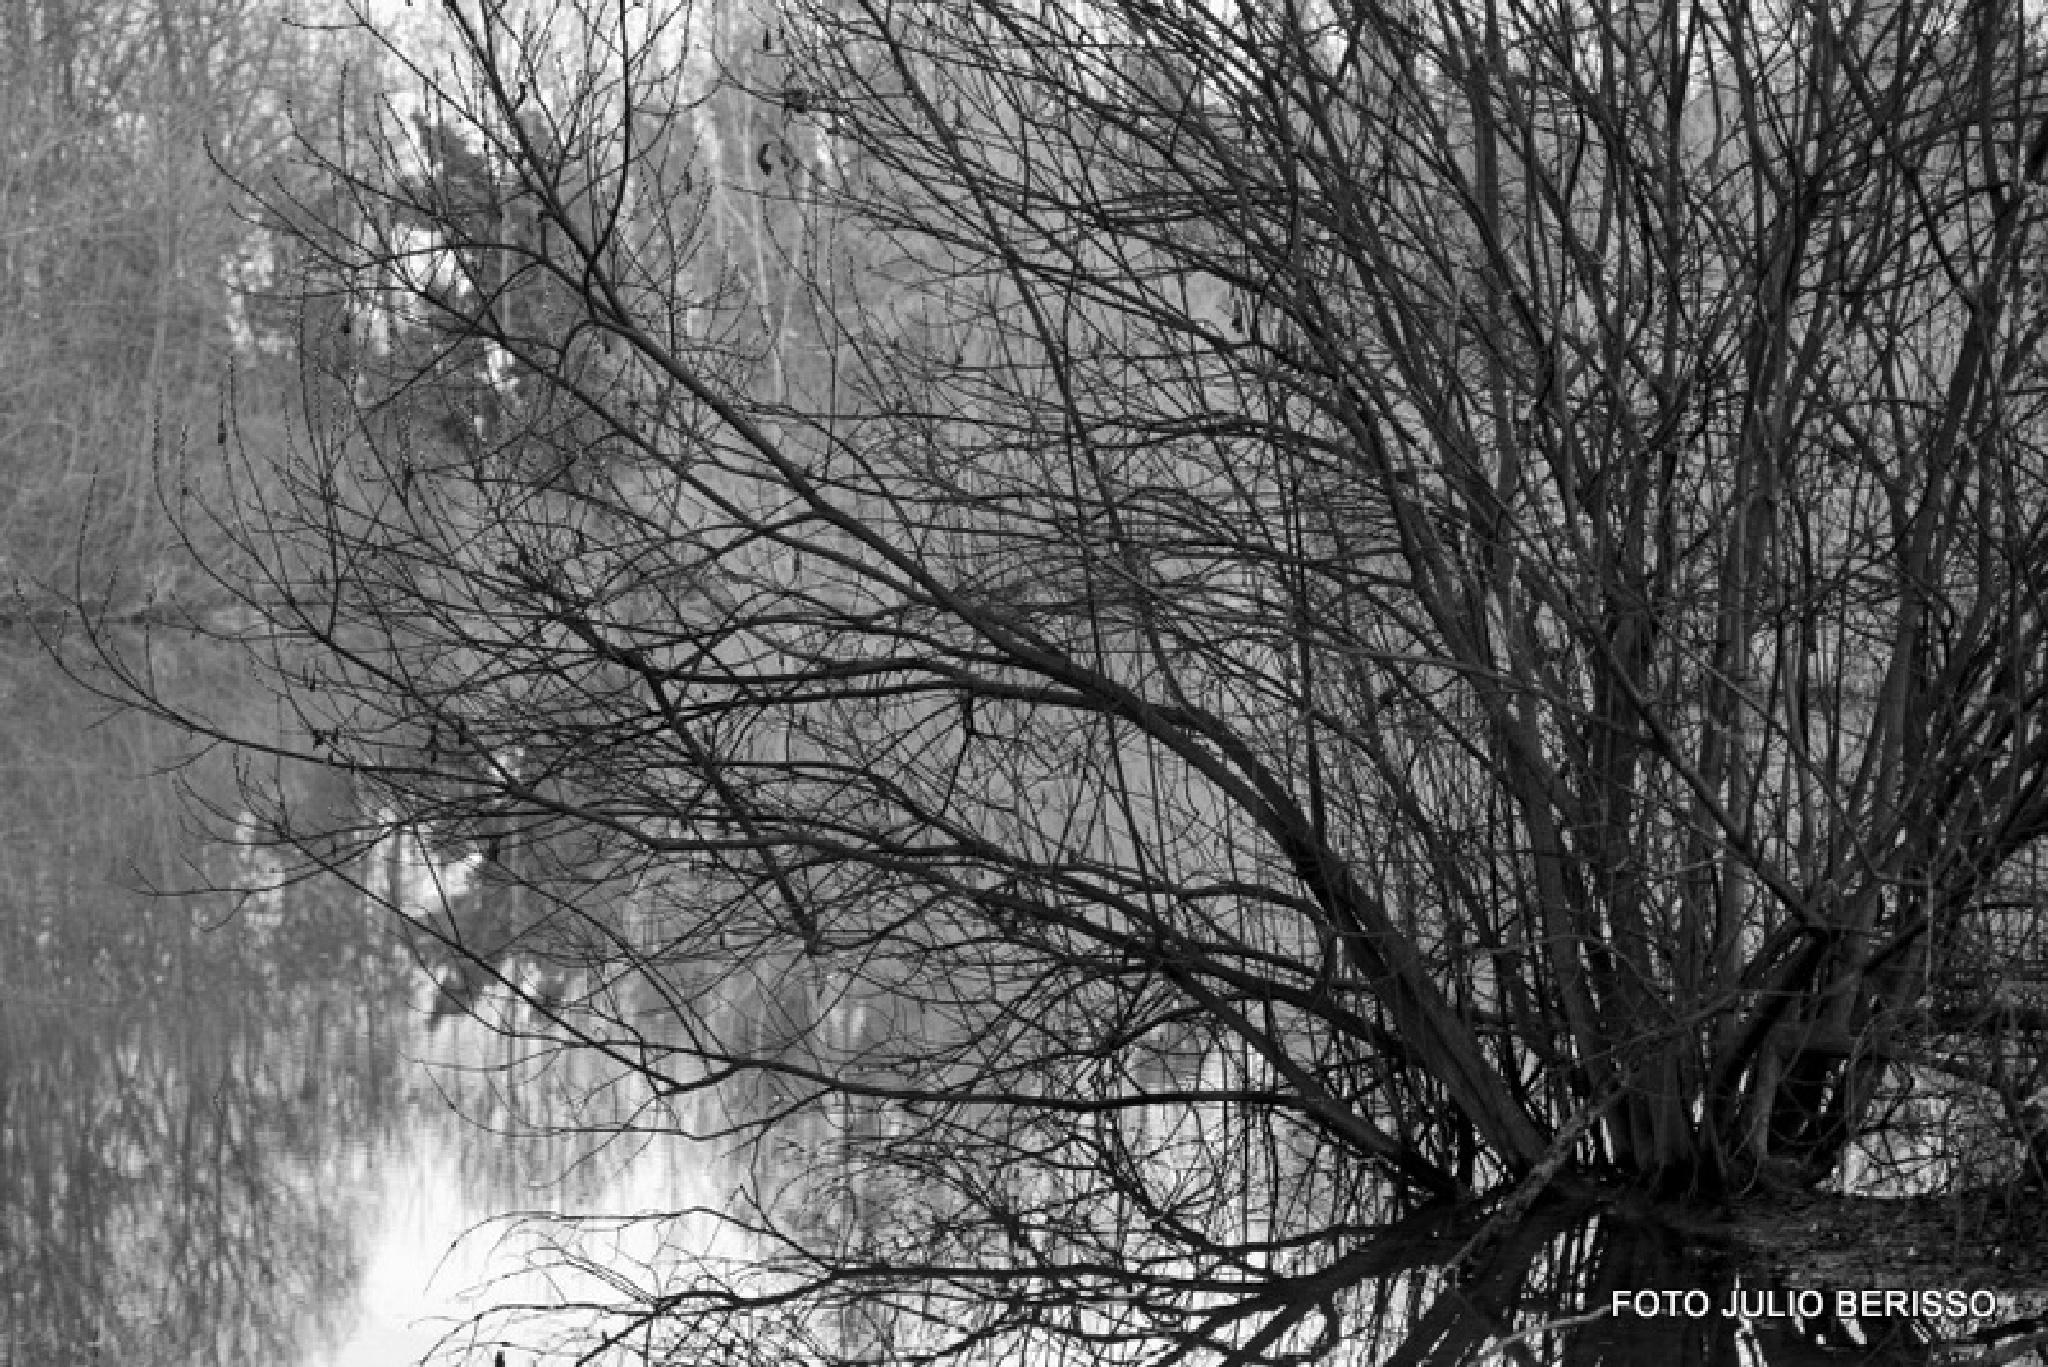 inverno 4 by Julio Cesar Berisso